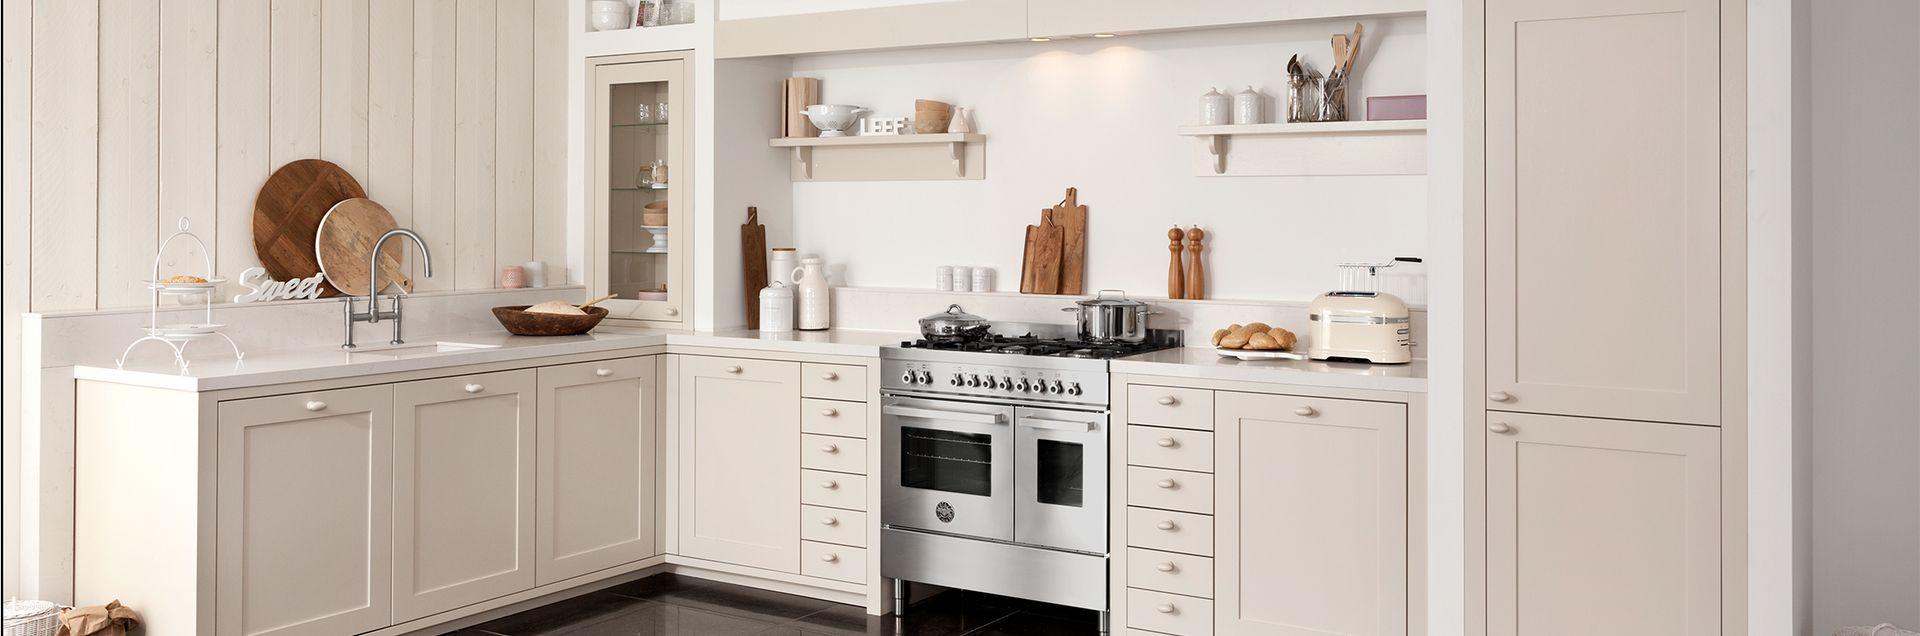 modern landelijke keuken